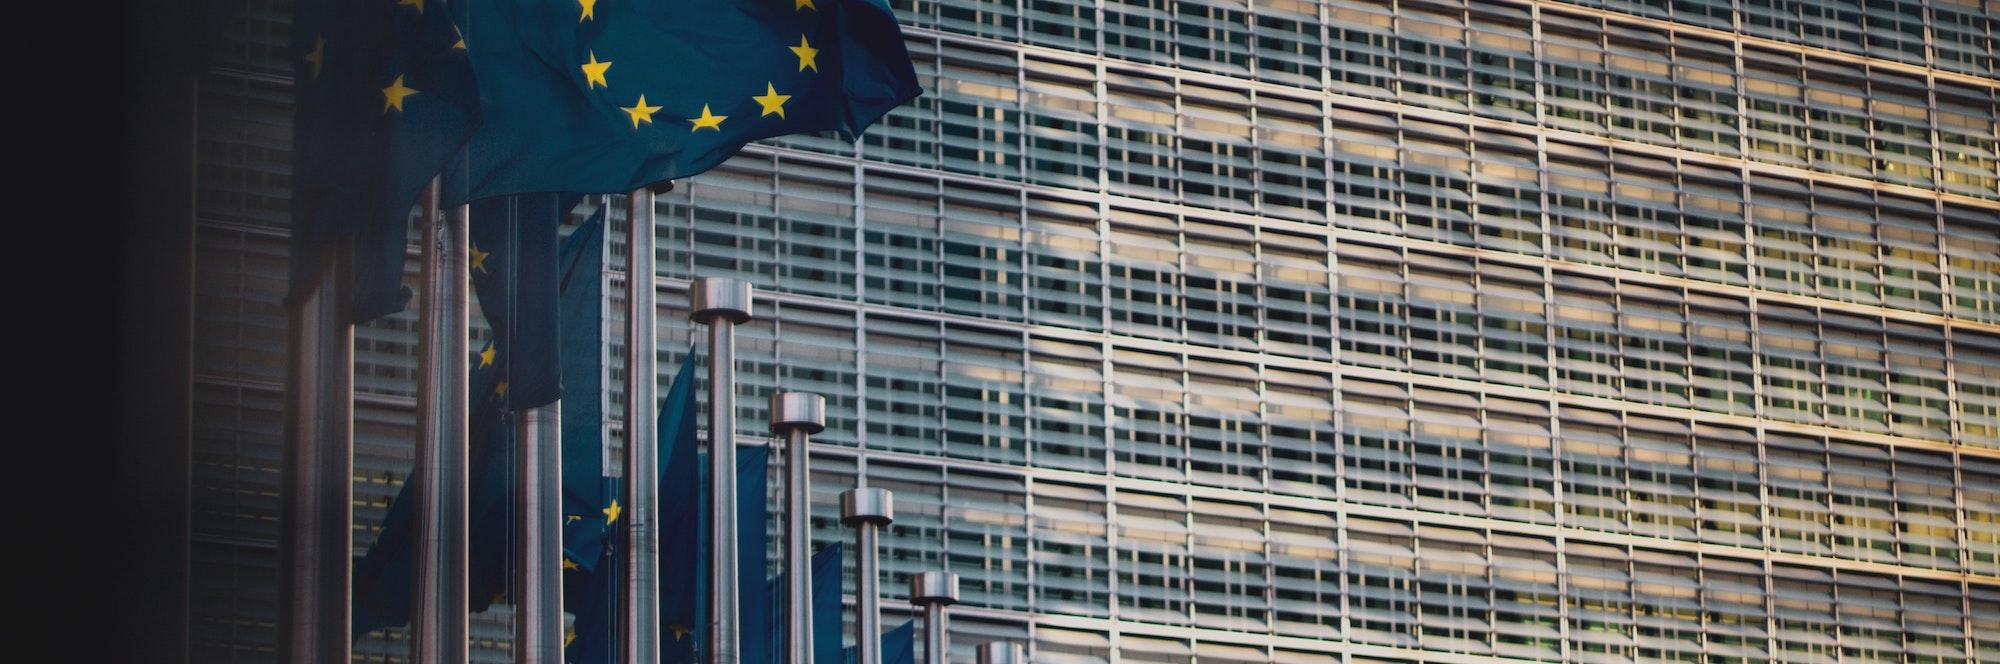 Институт за европейски политики